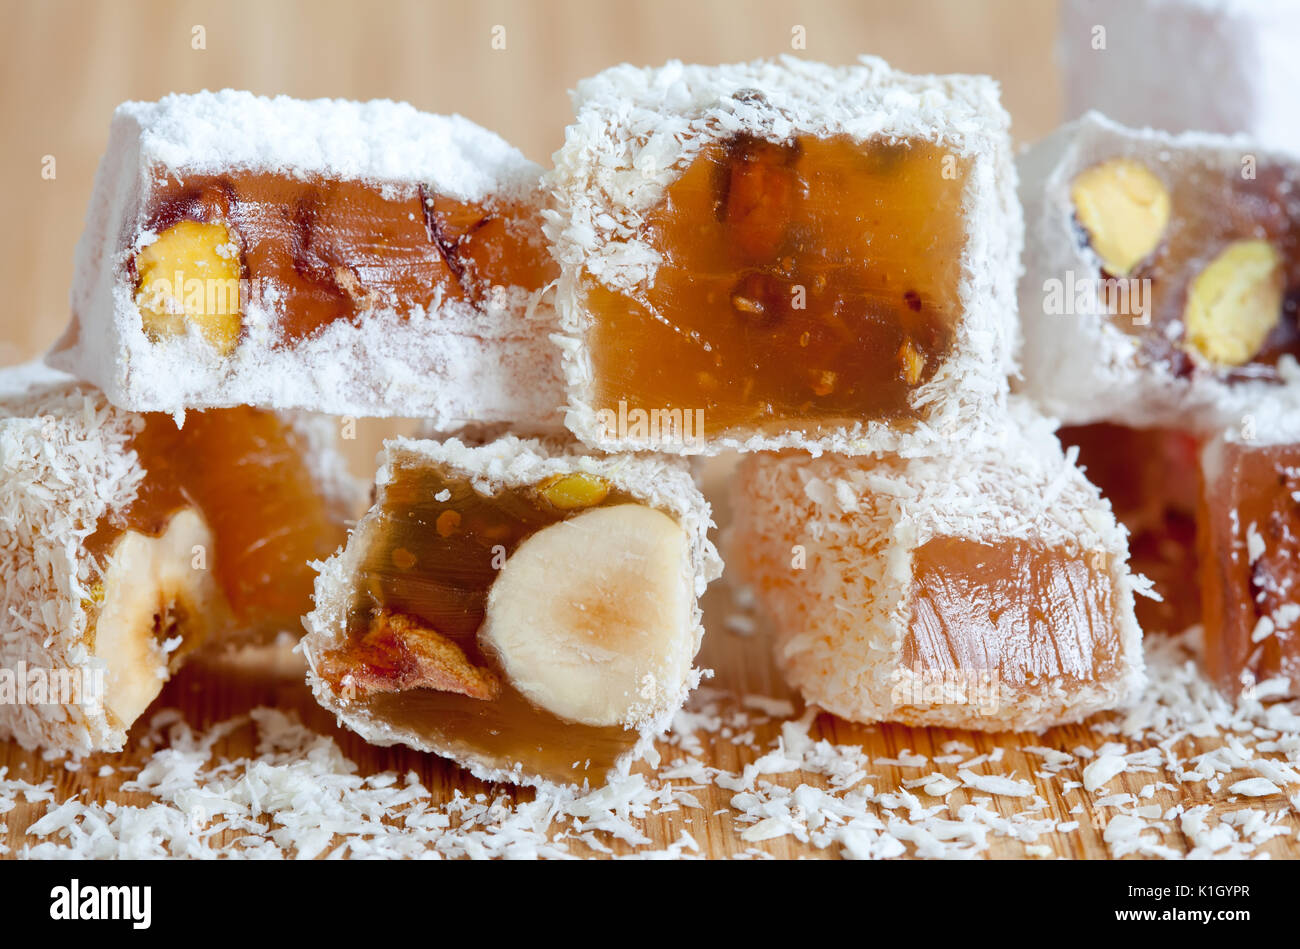 Köstliche orientalische Süßigkeiten lokum (Türkischer Honig) mit Puderzucker. Stockbild